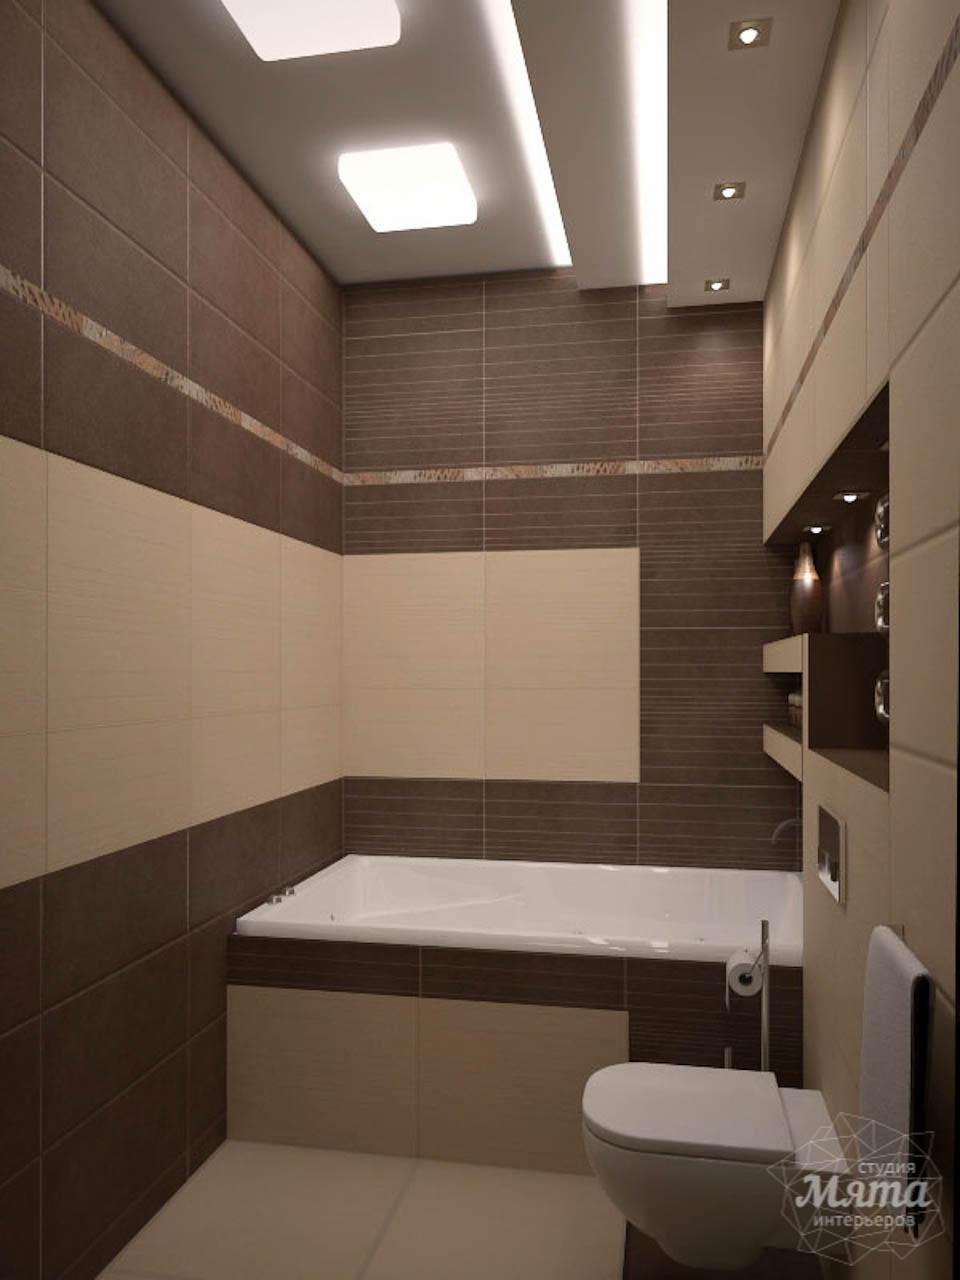 Дизайн интерьера трехкомнатной квартиры по ул. Папанина 18 img427796141